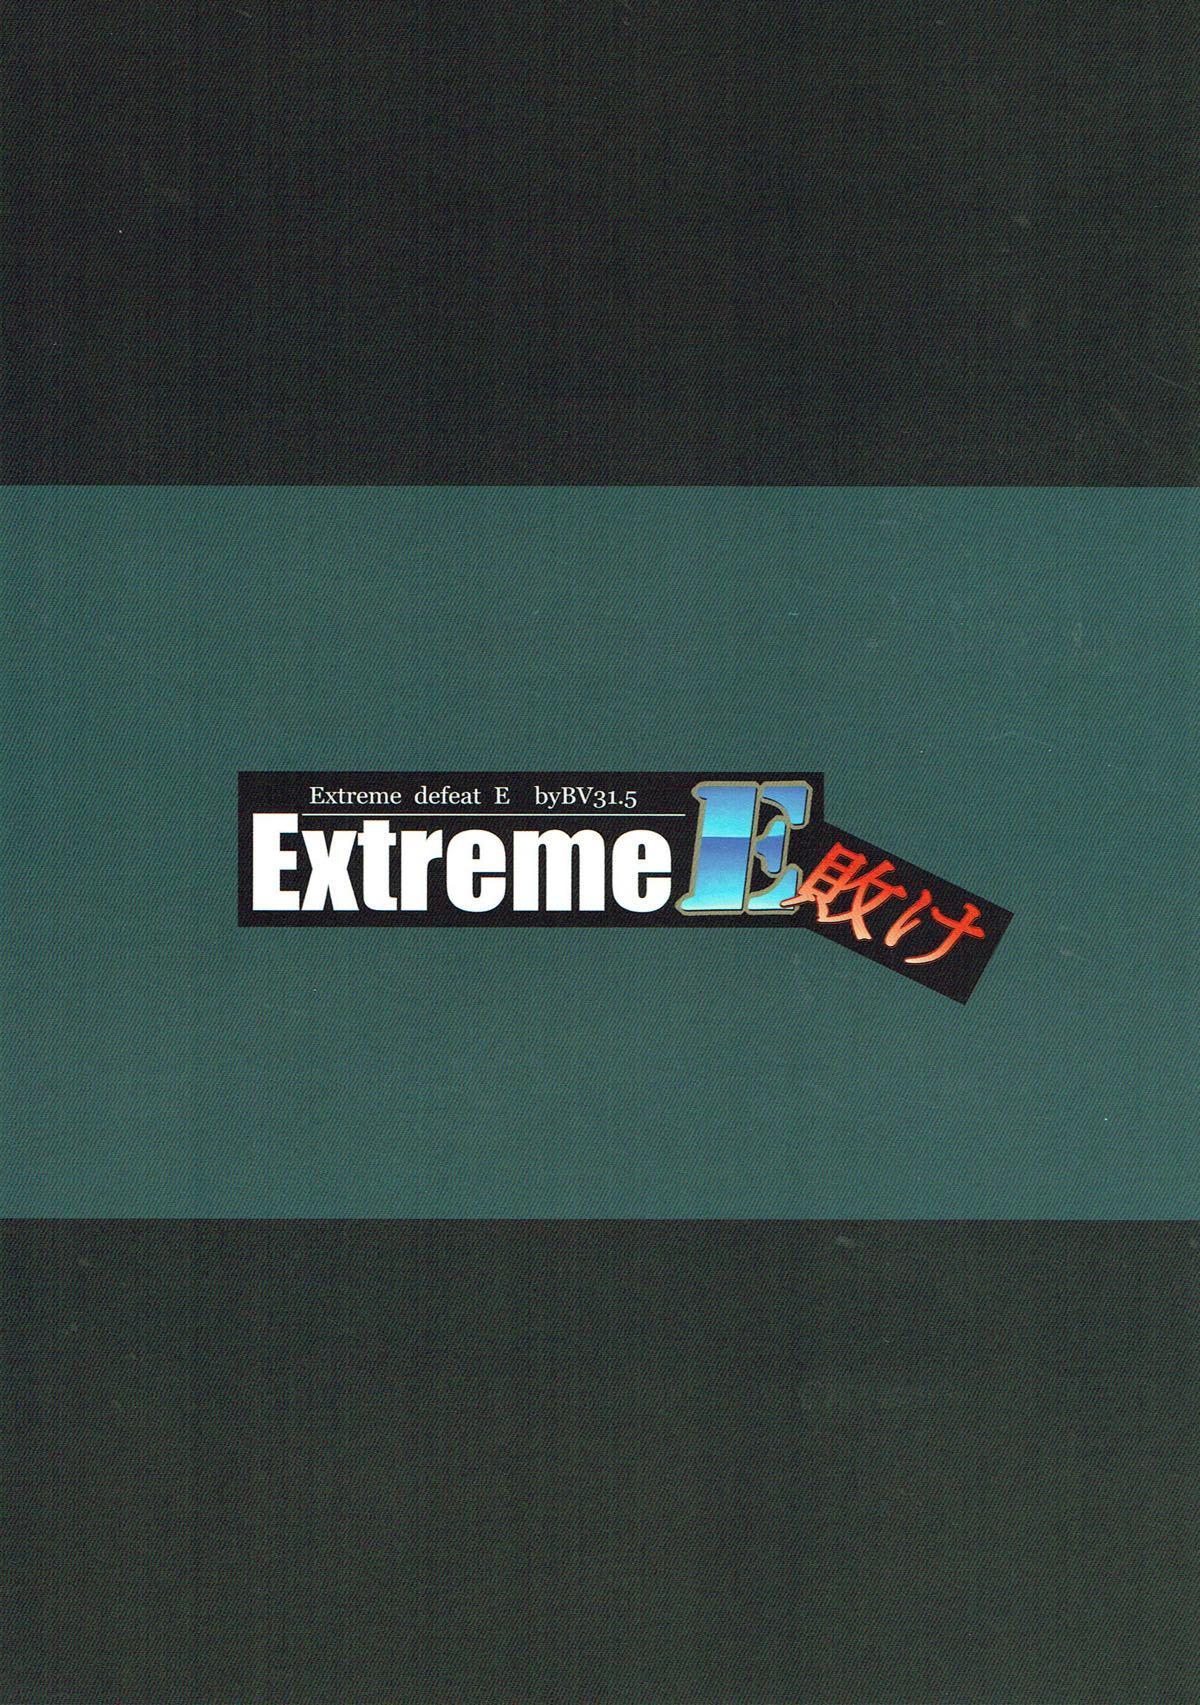 Extreme E Make - Extreme defeat E 14